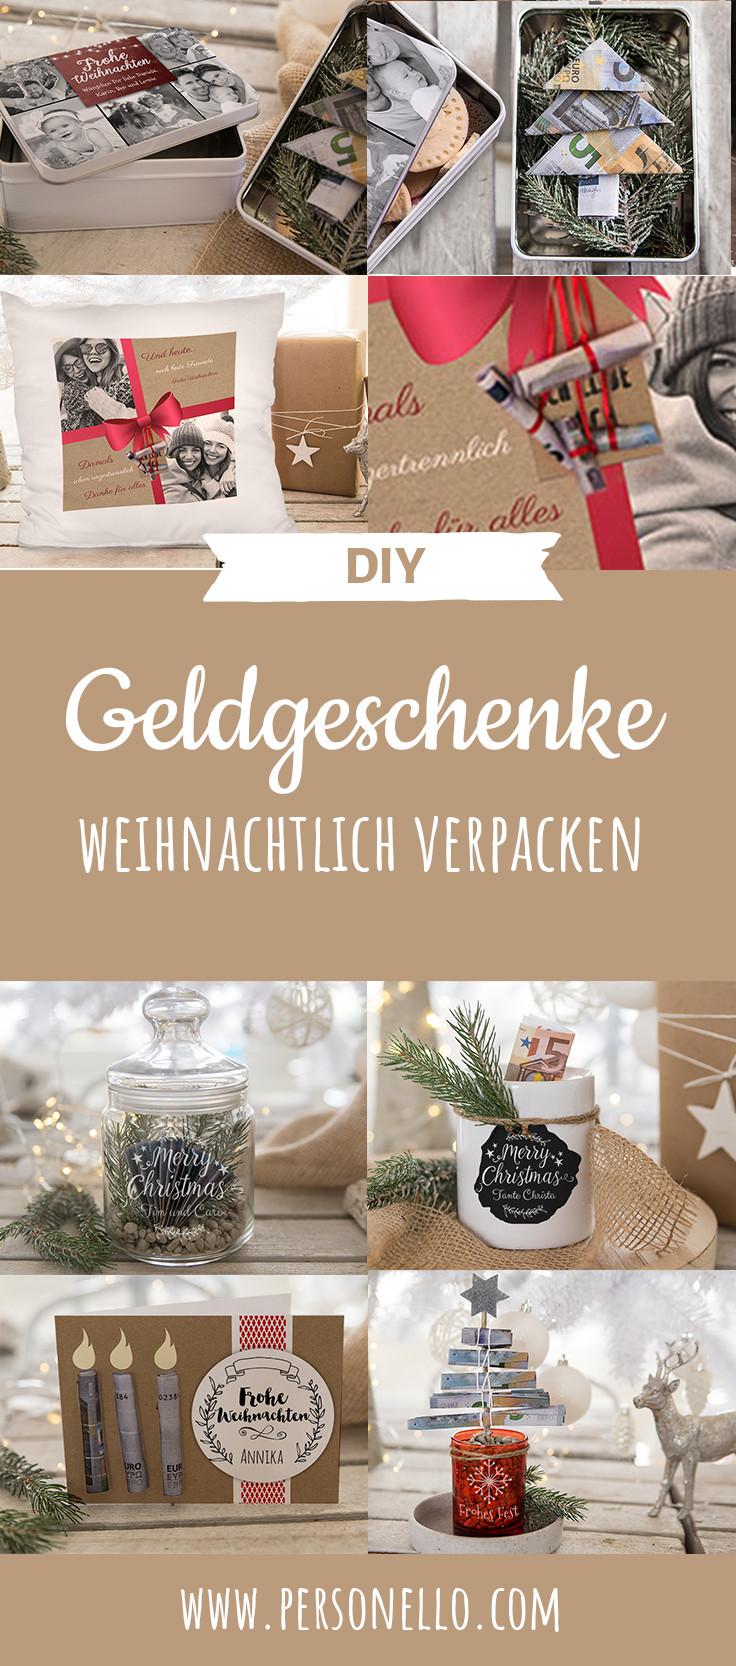 Männer Geschenke Weihnachten  Weihnachten Geschenke Karten Deko Ideen